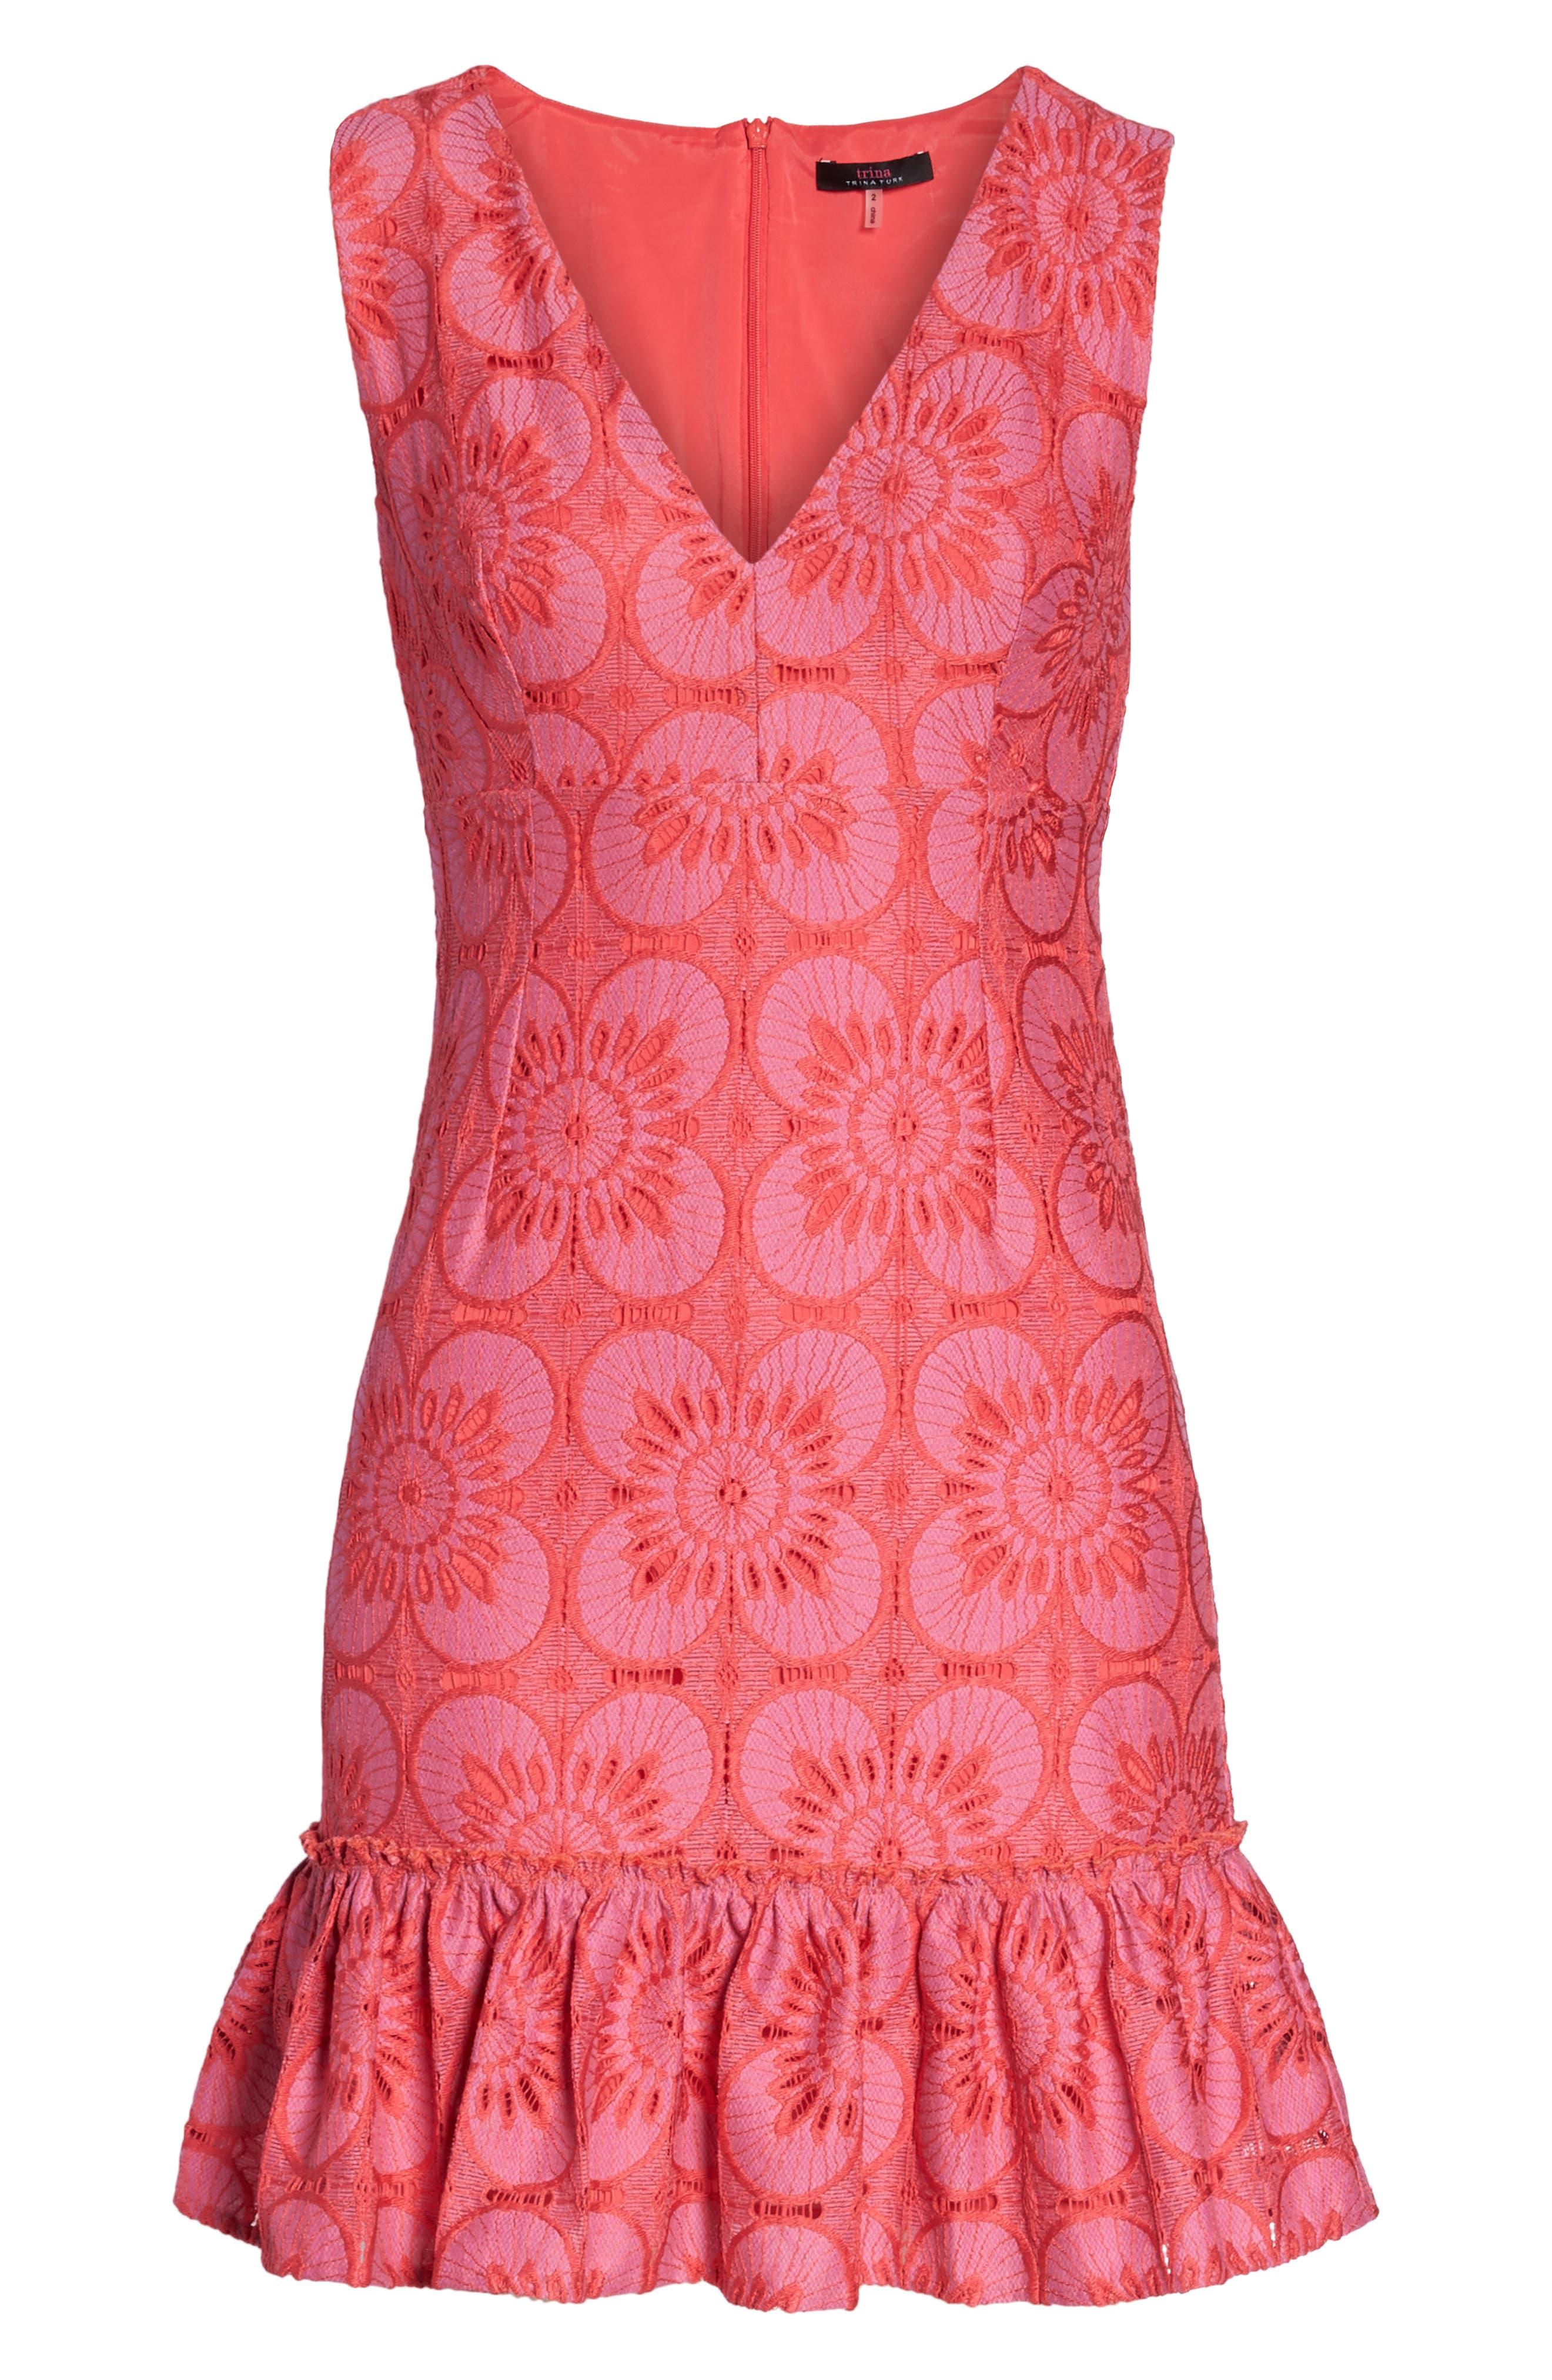 Carpinteria Lace Ruffle Hem Dress,                             Alternate thumbnail 6, color,                             Peony